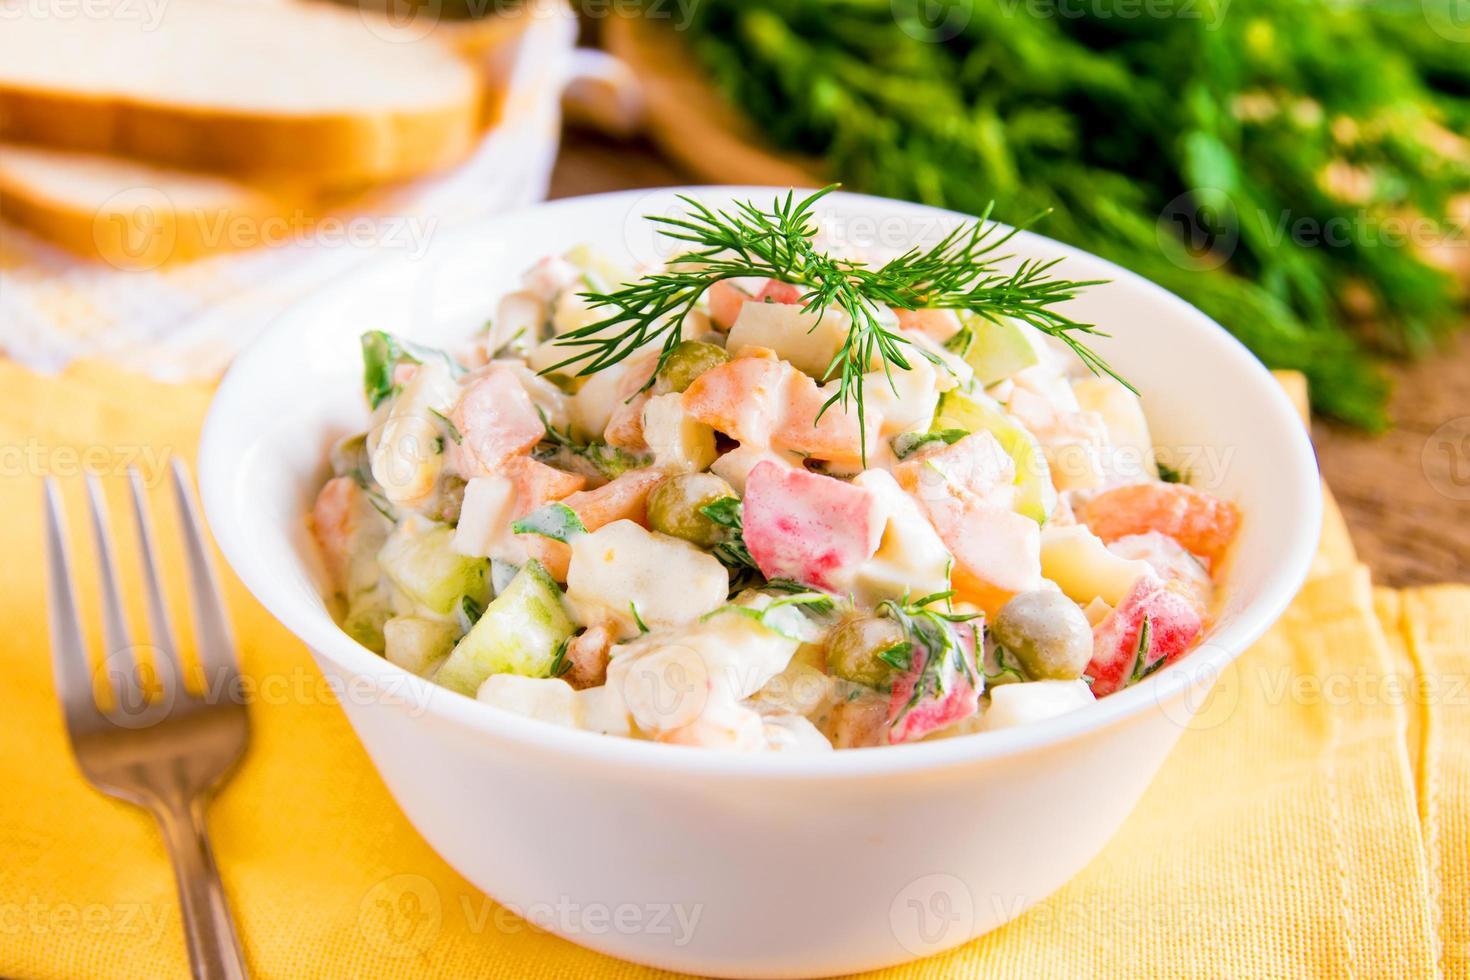 russischer salat olivier foto